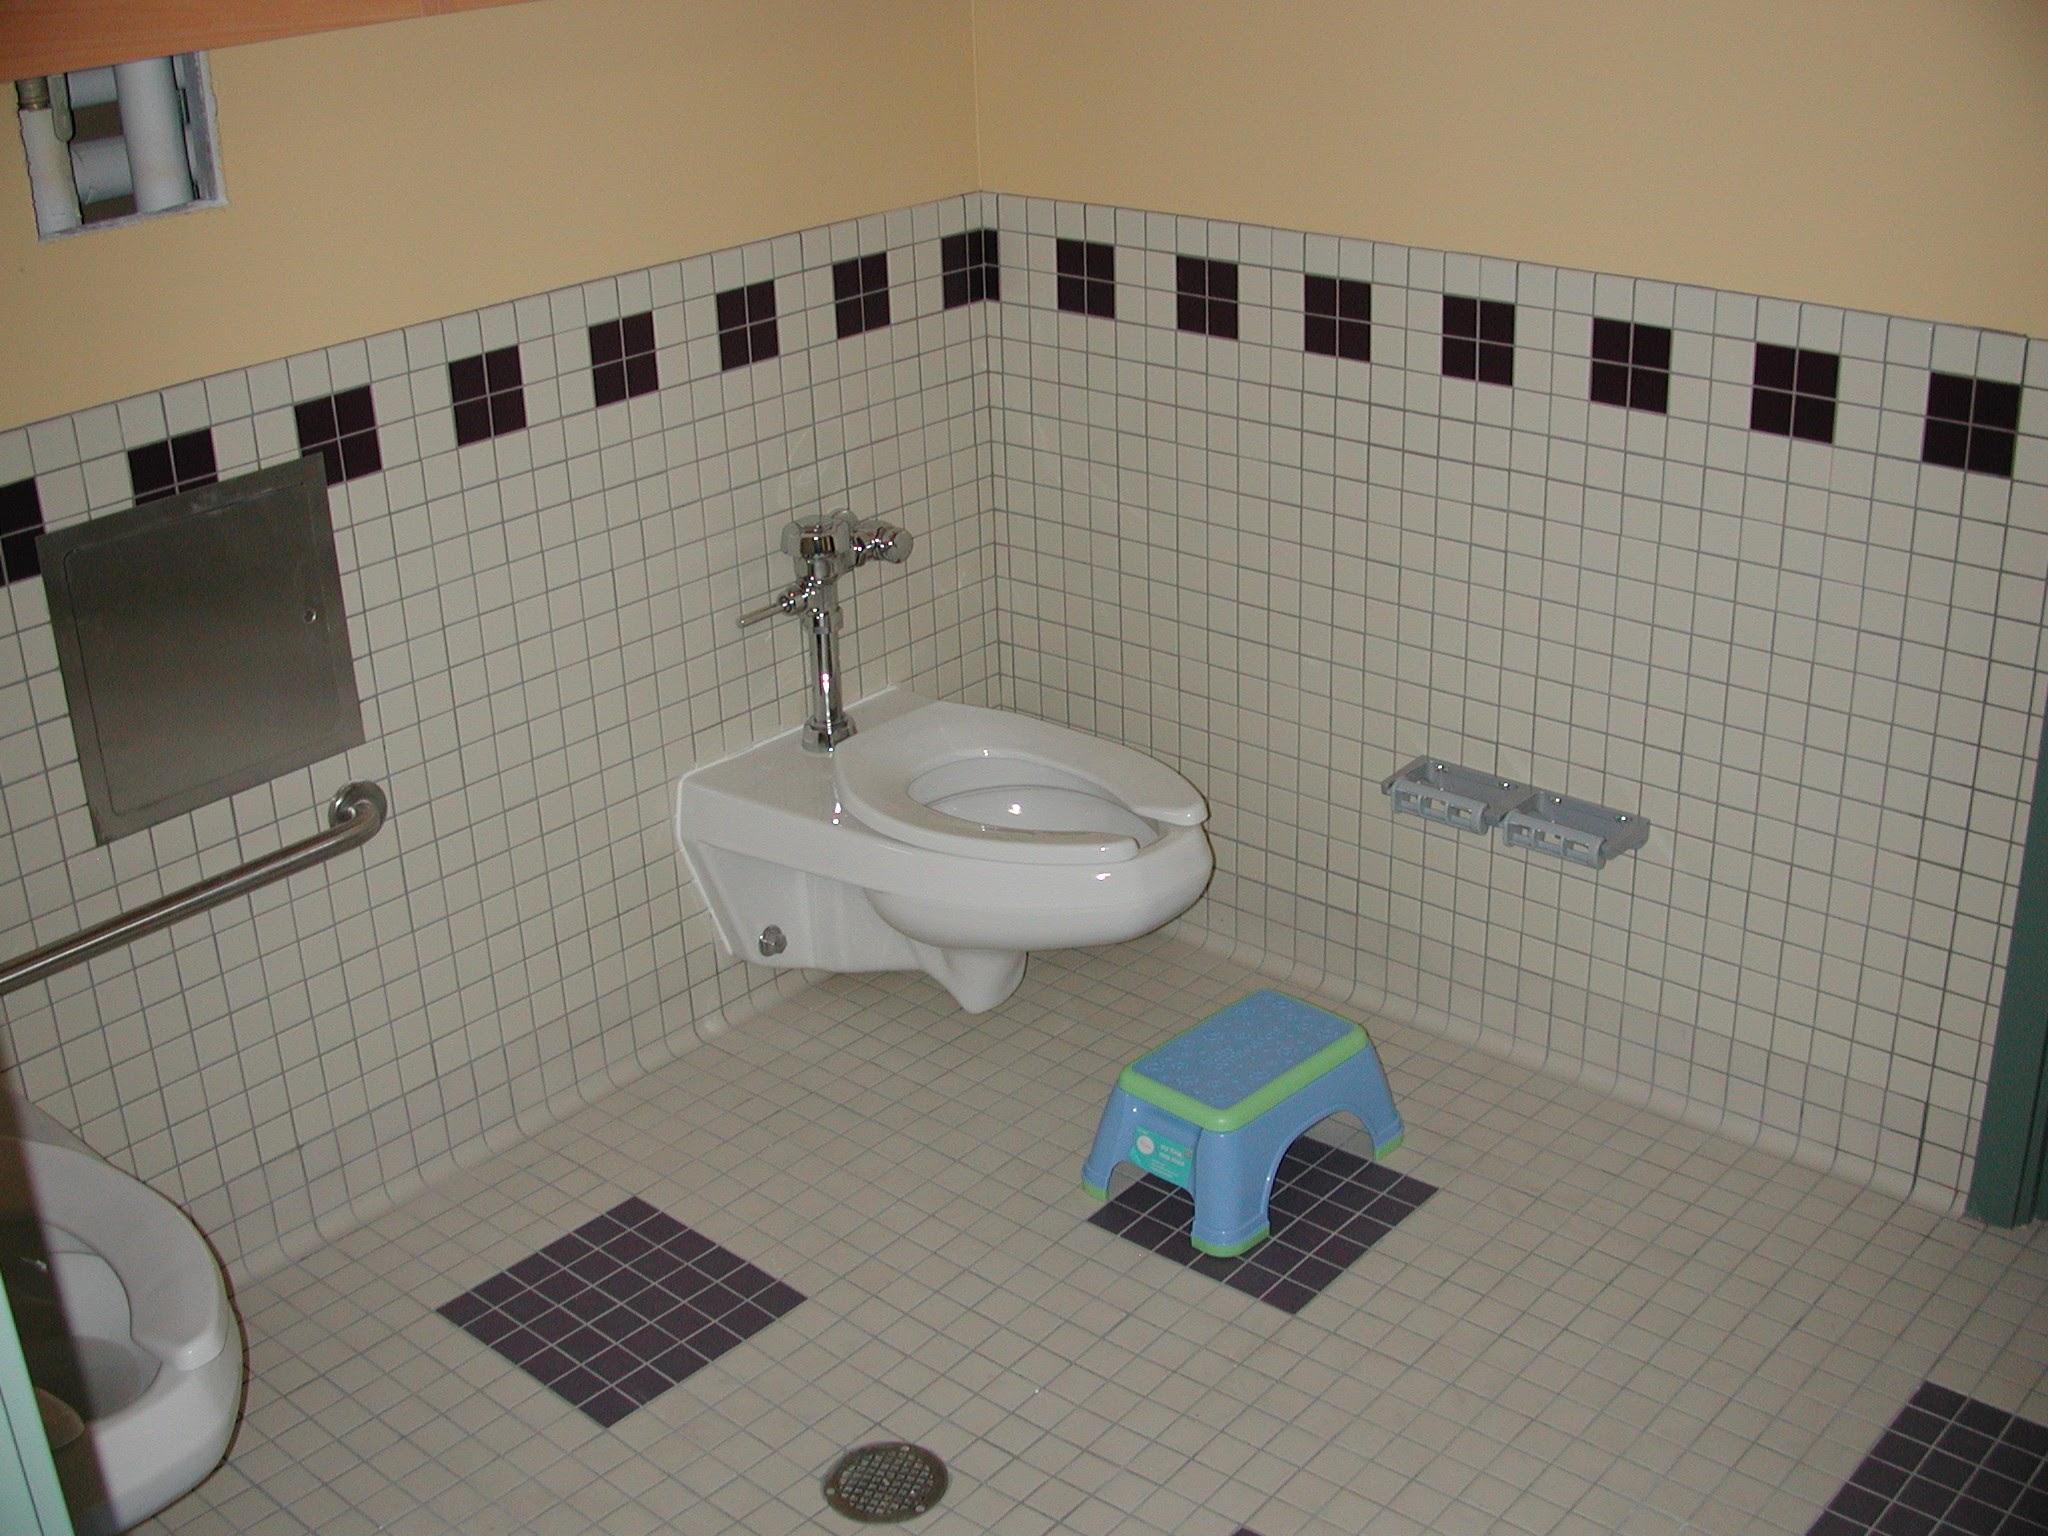 Highline_Child_RR_Toilet.jpg